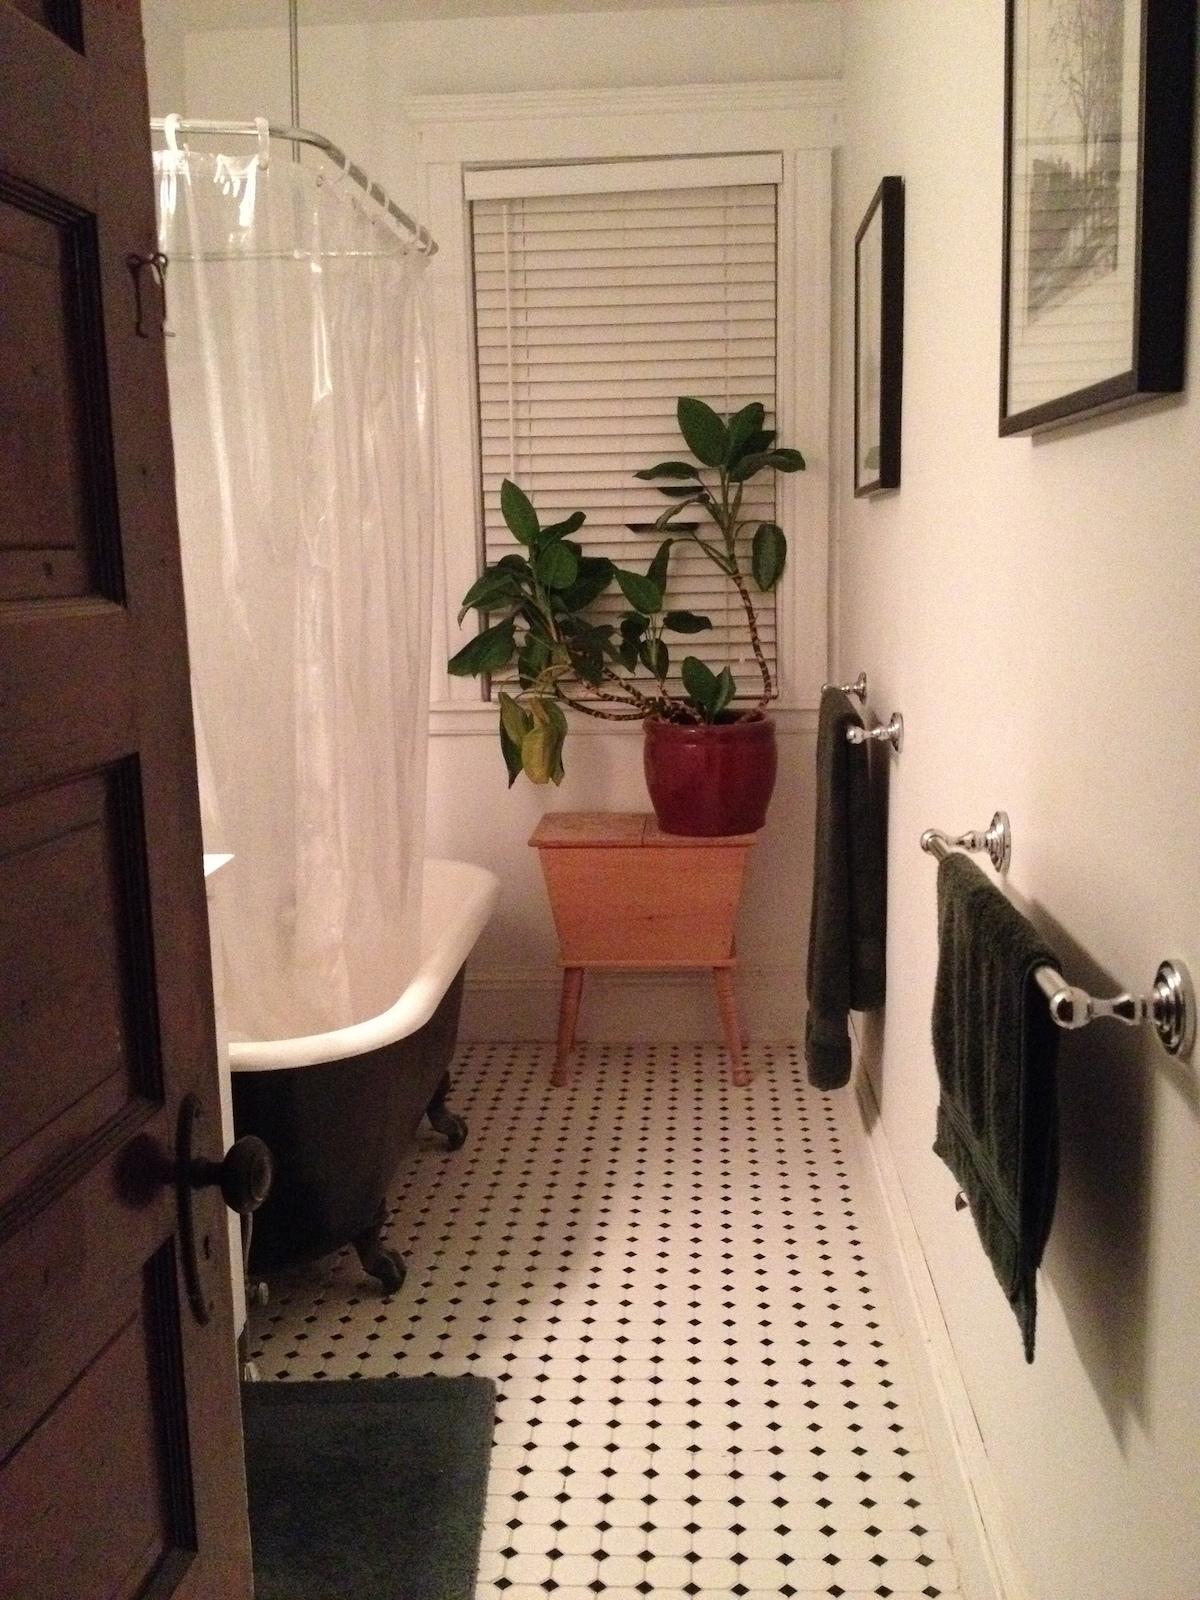 Private room in Boston